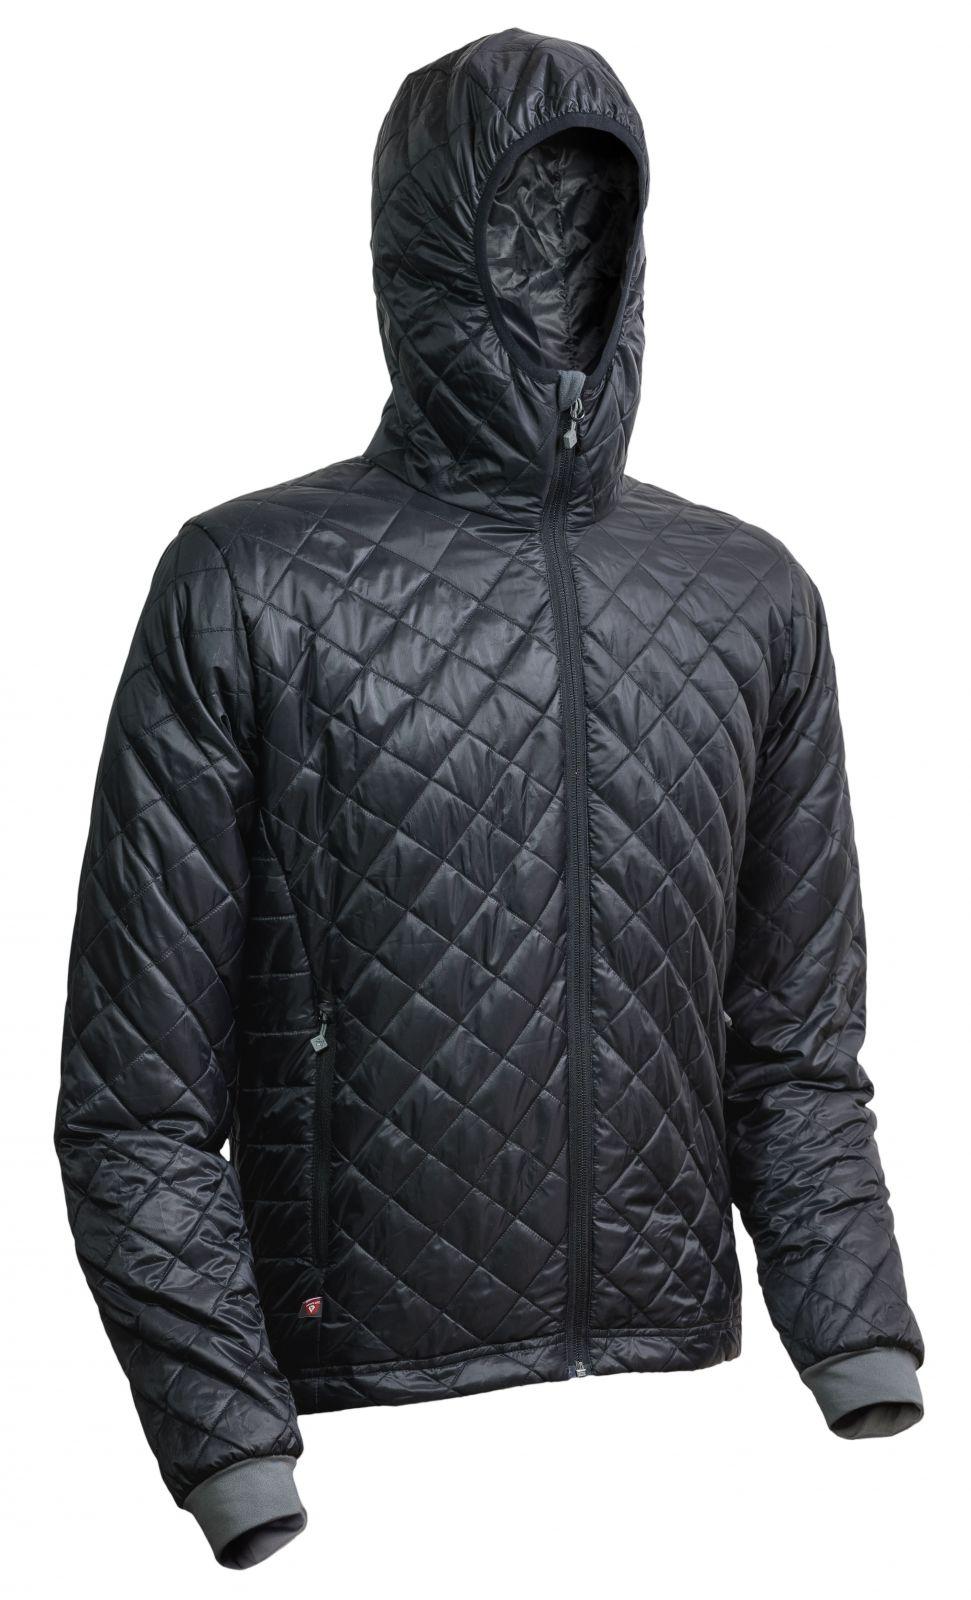 Outdoorix - Warmpeace Spirit black / black pánská bunda zateplená PrimaLoftem